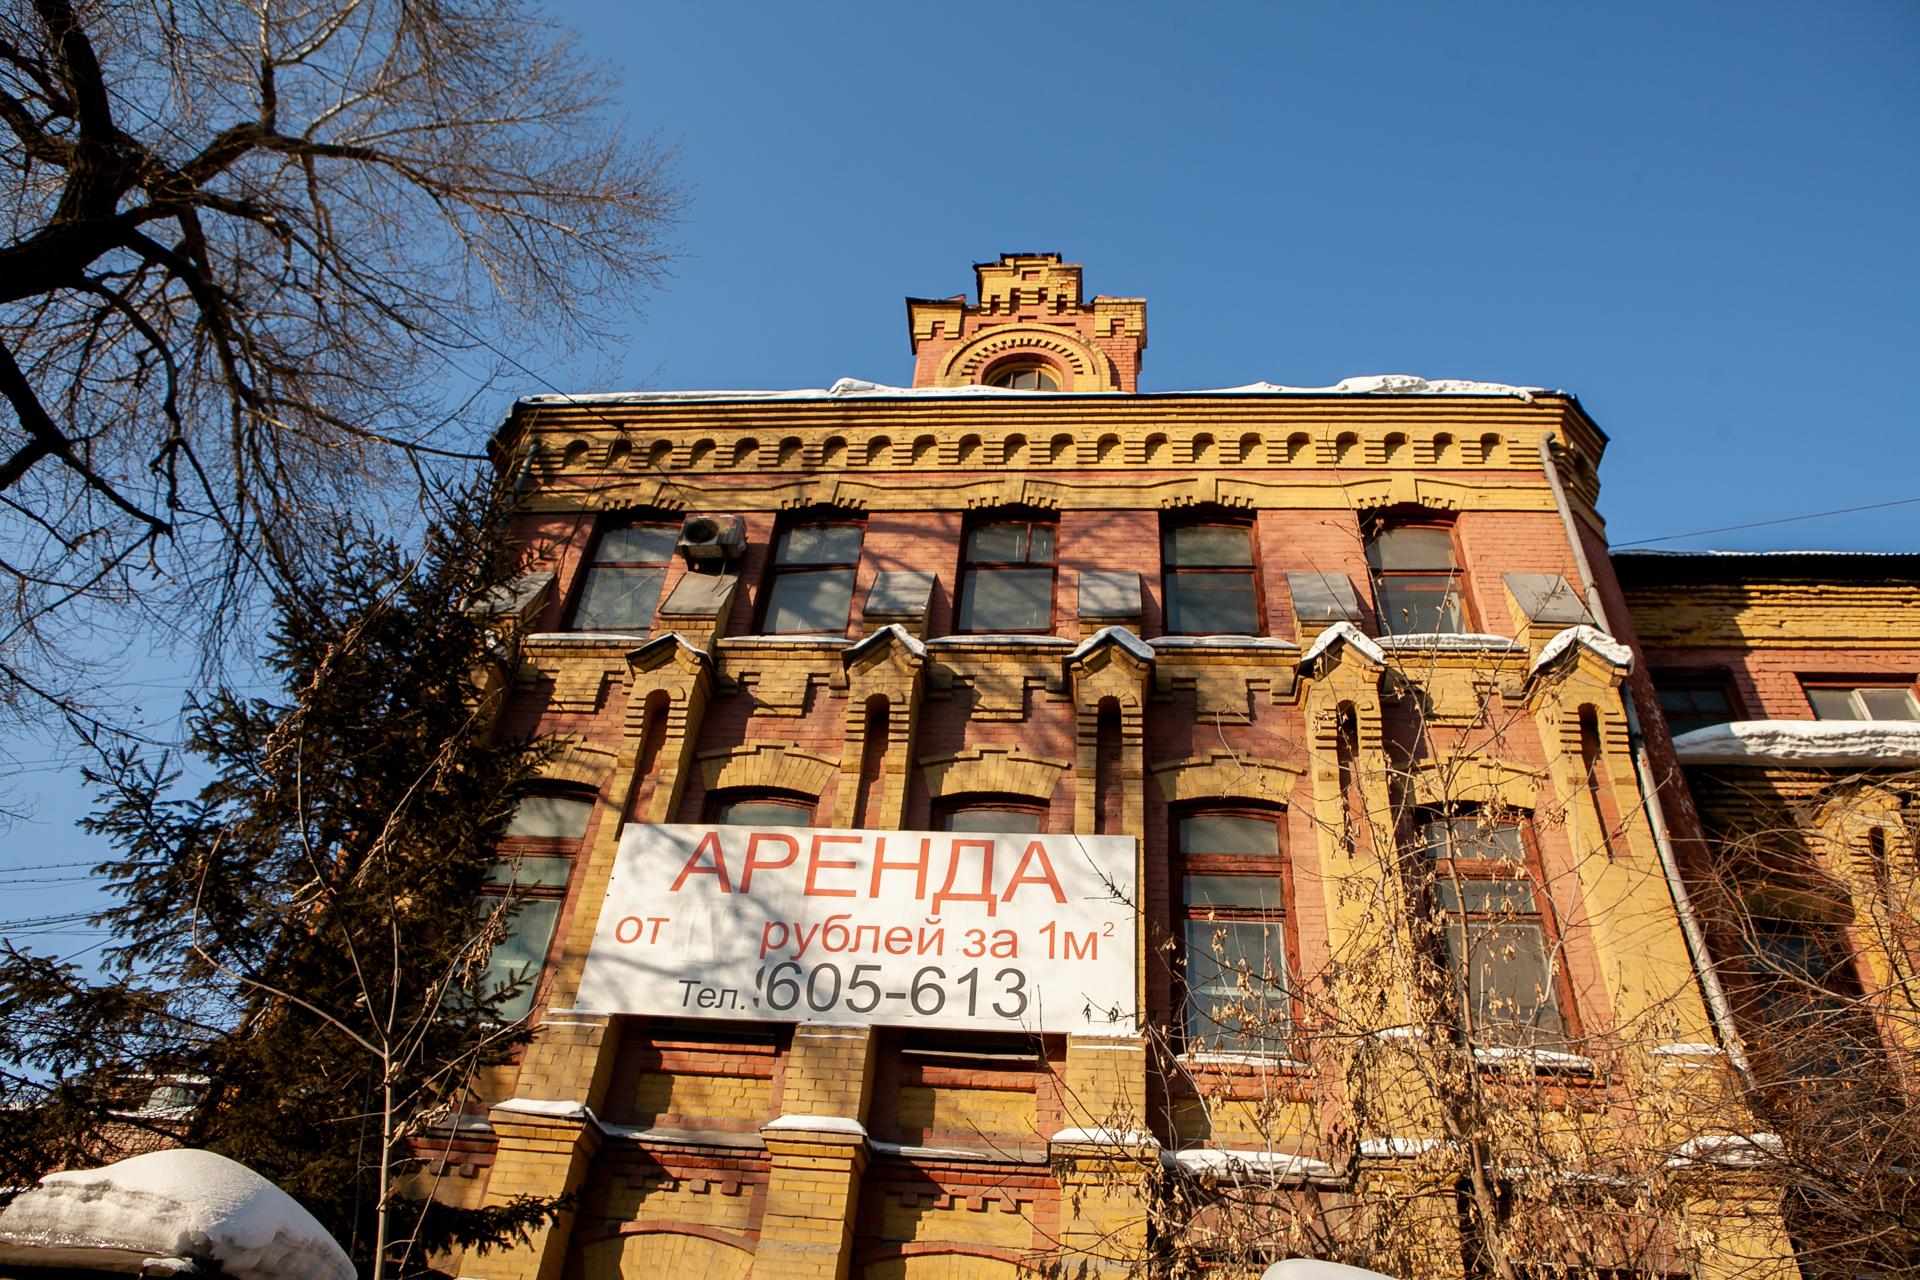 В 2006 году Арбитражный суд Иркутской области начал процедуру банкротства завода